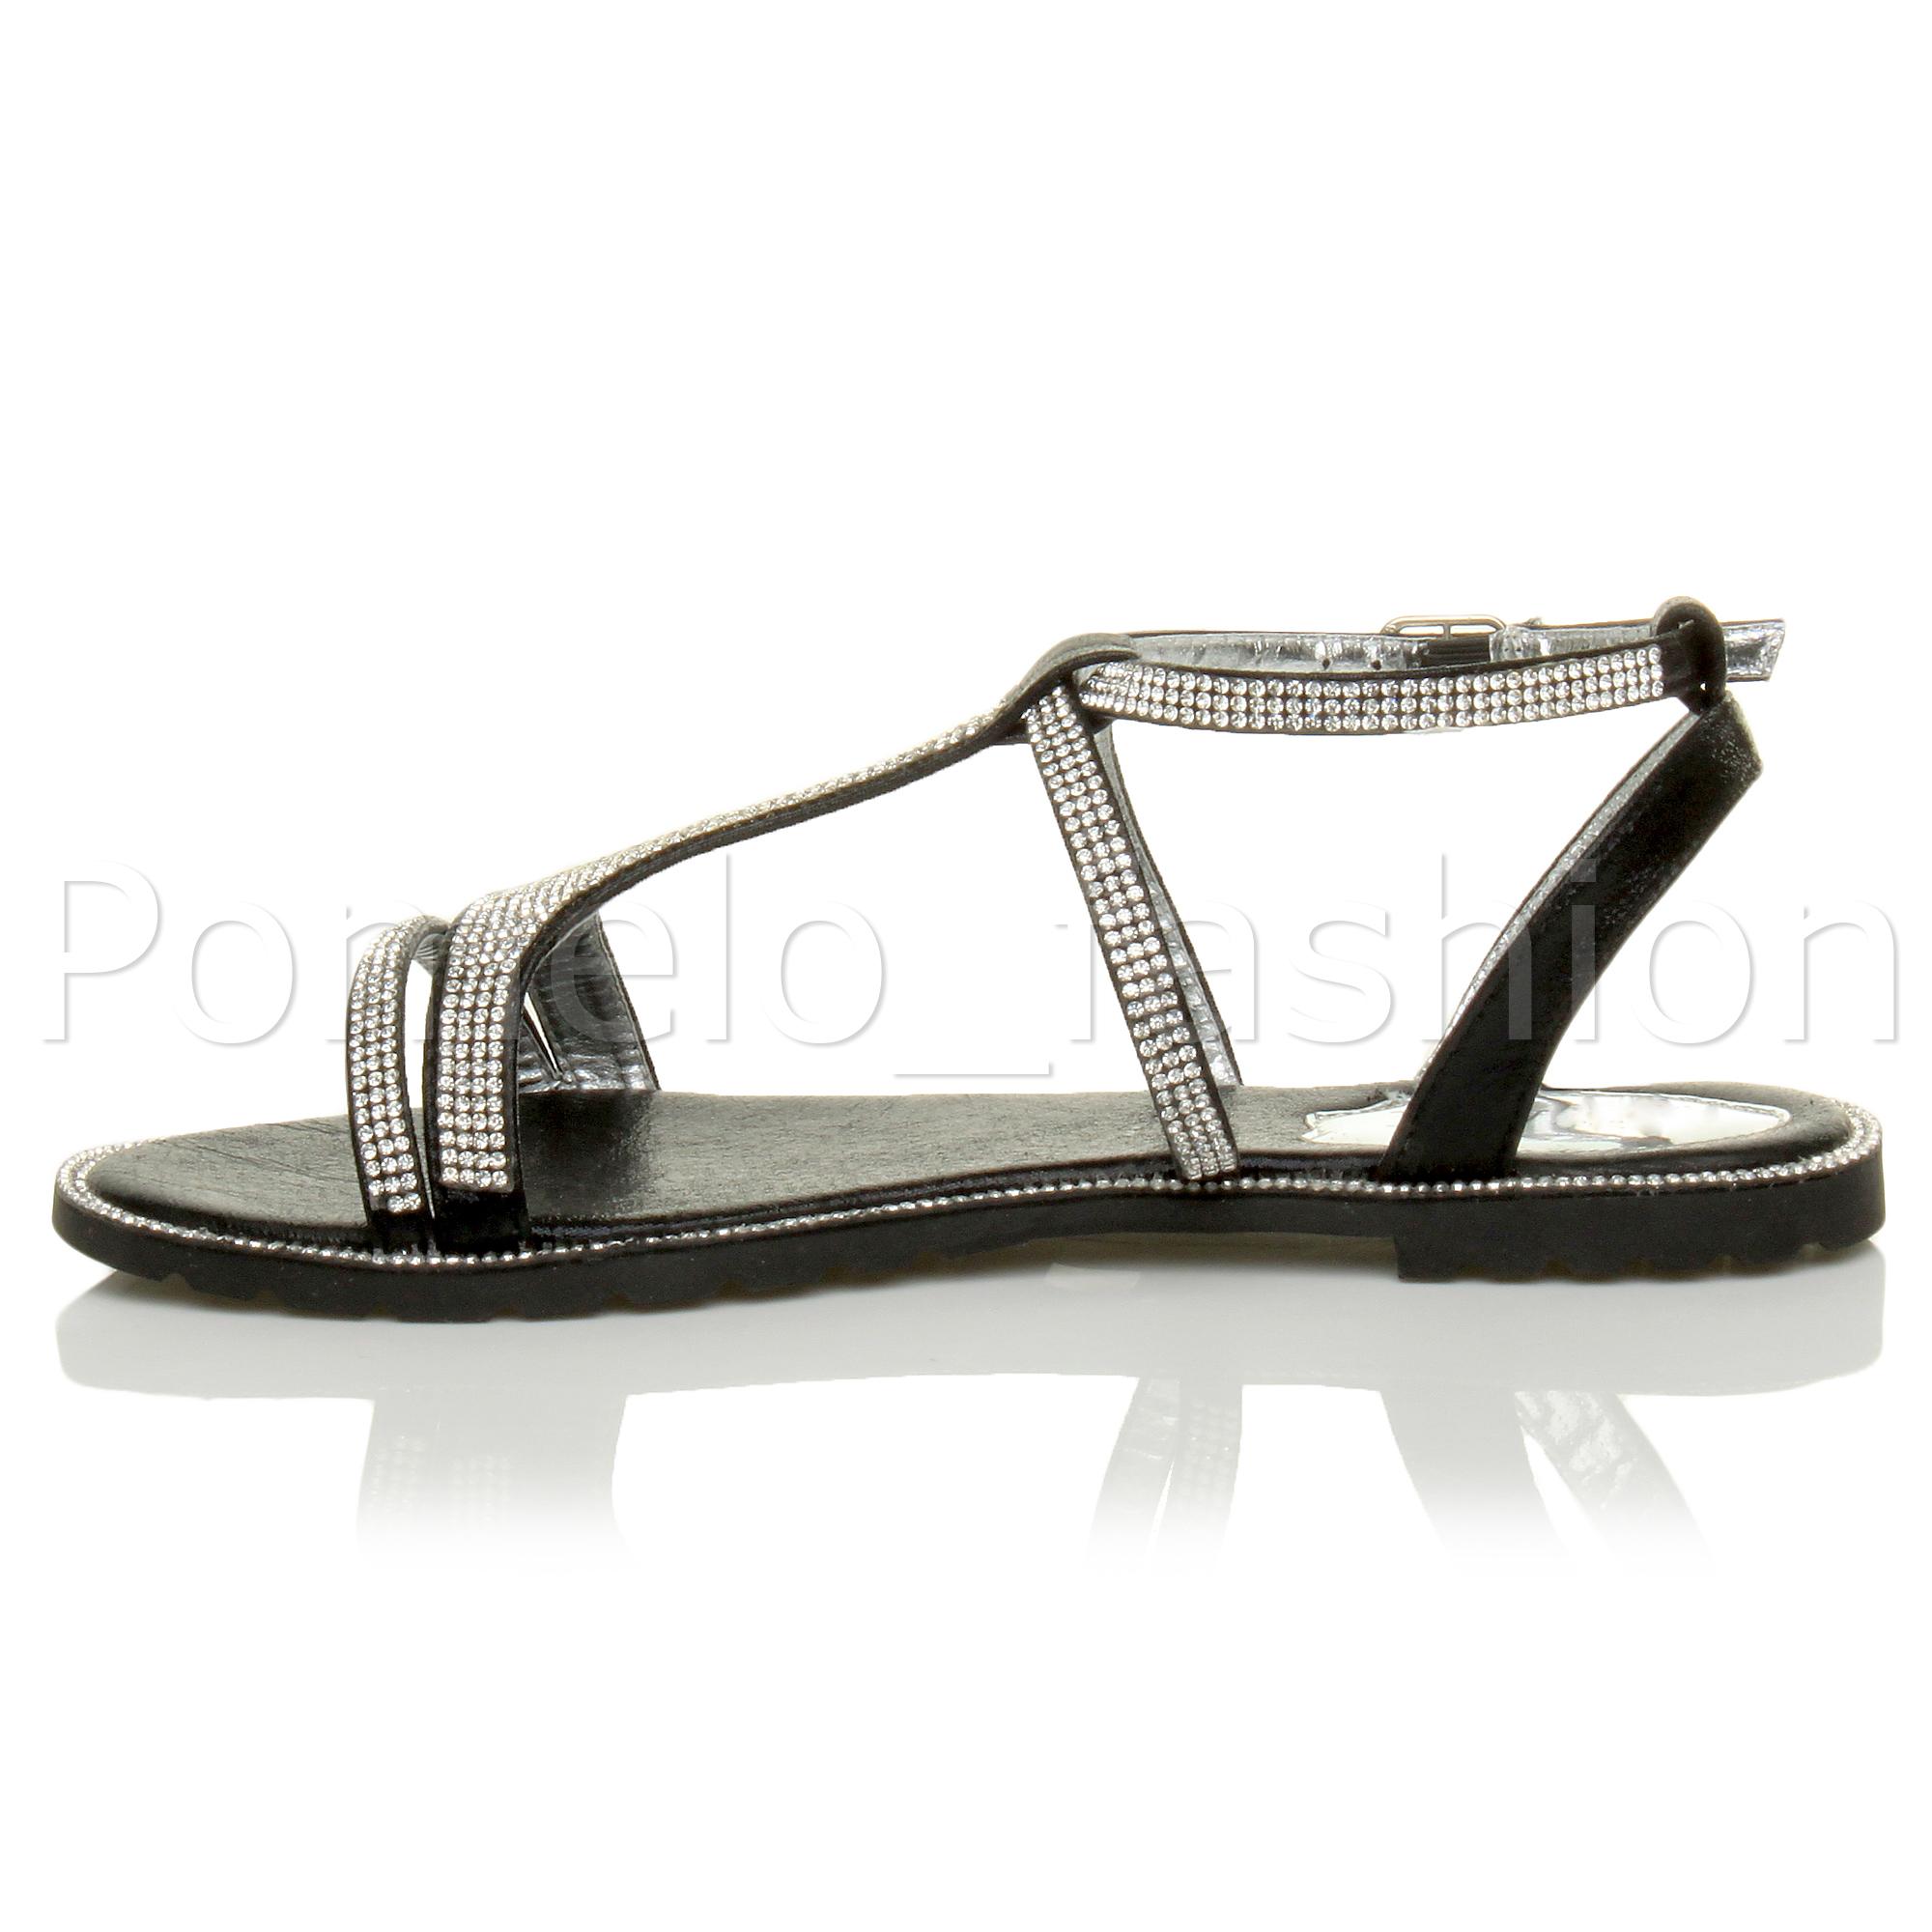 Flat Black Evening Shoes Uk